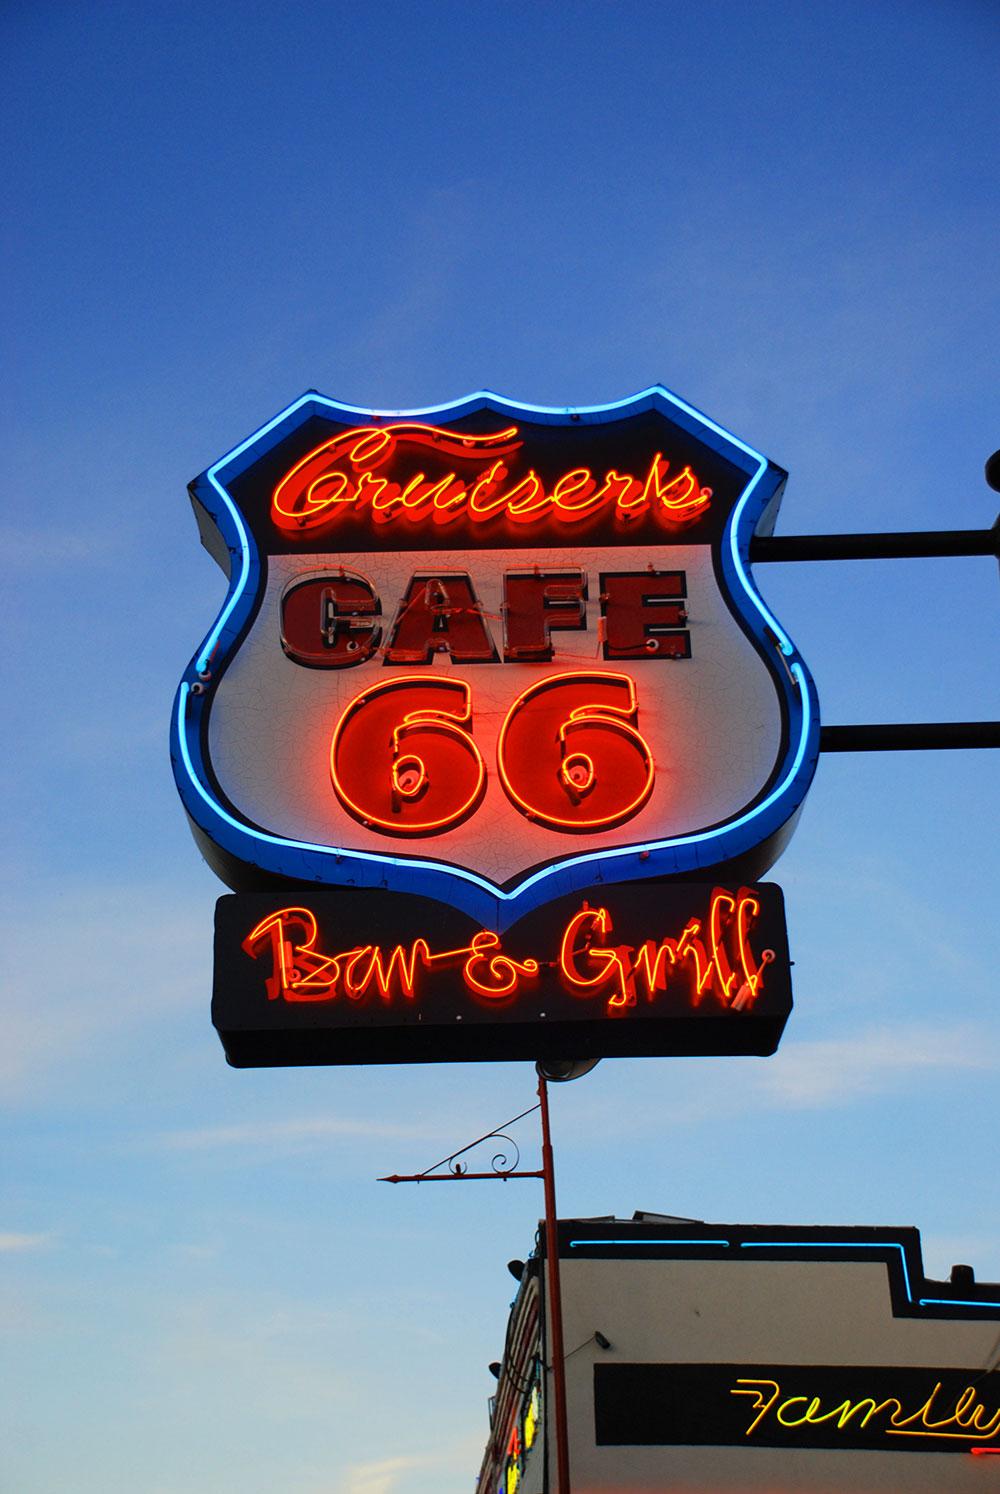 Curiser's Cafe en Williams